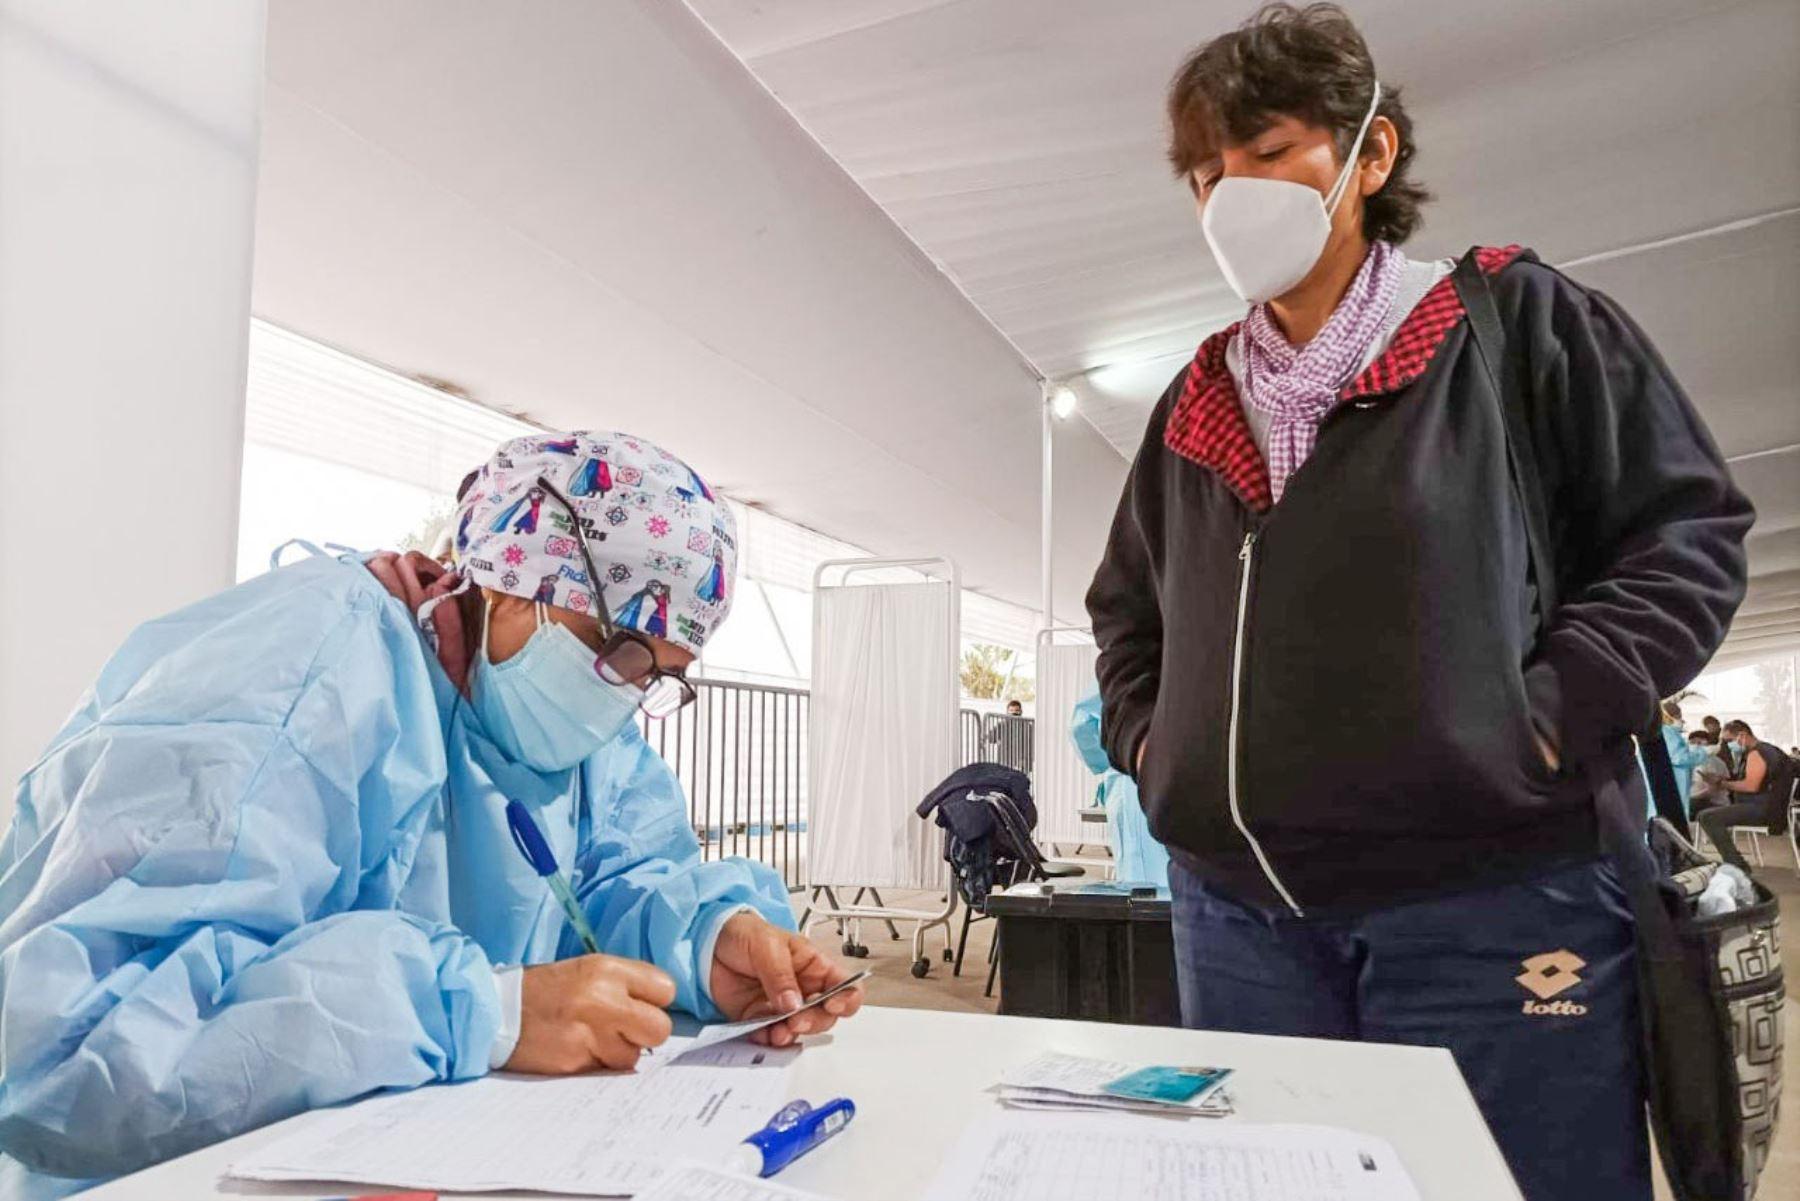 """Continua la campaña """" Vacunatón """"  en el vacunatorio Parque Zonal Huiracocha del distrito de San Juan de Lurigancho, luego de inocular más de 12 000 dosis el último fin de semana.  Foto: Minsa"""